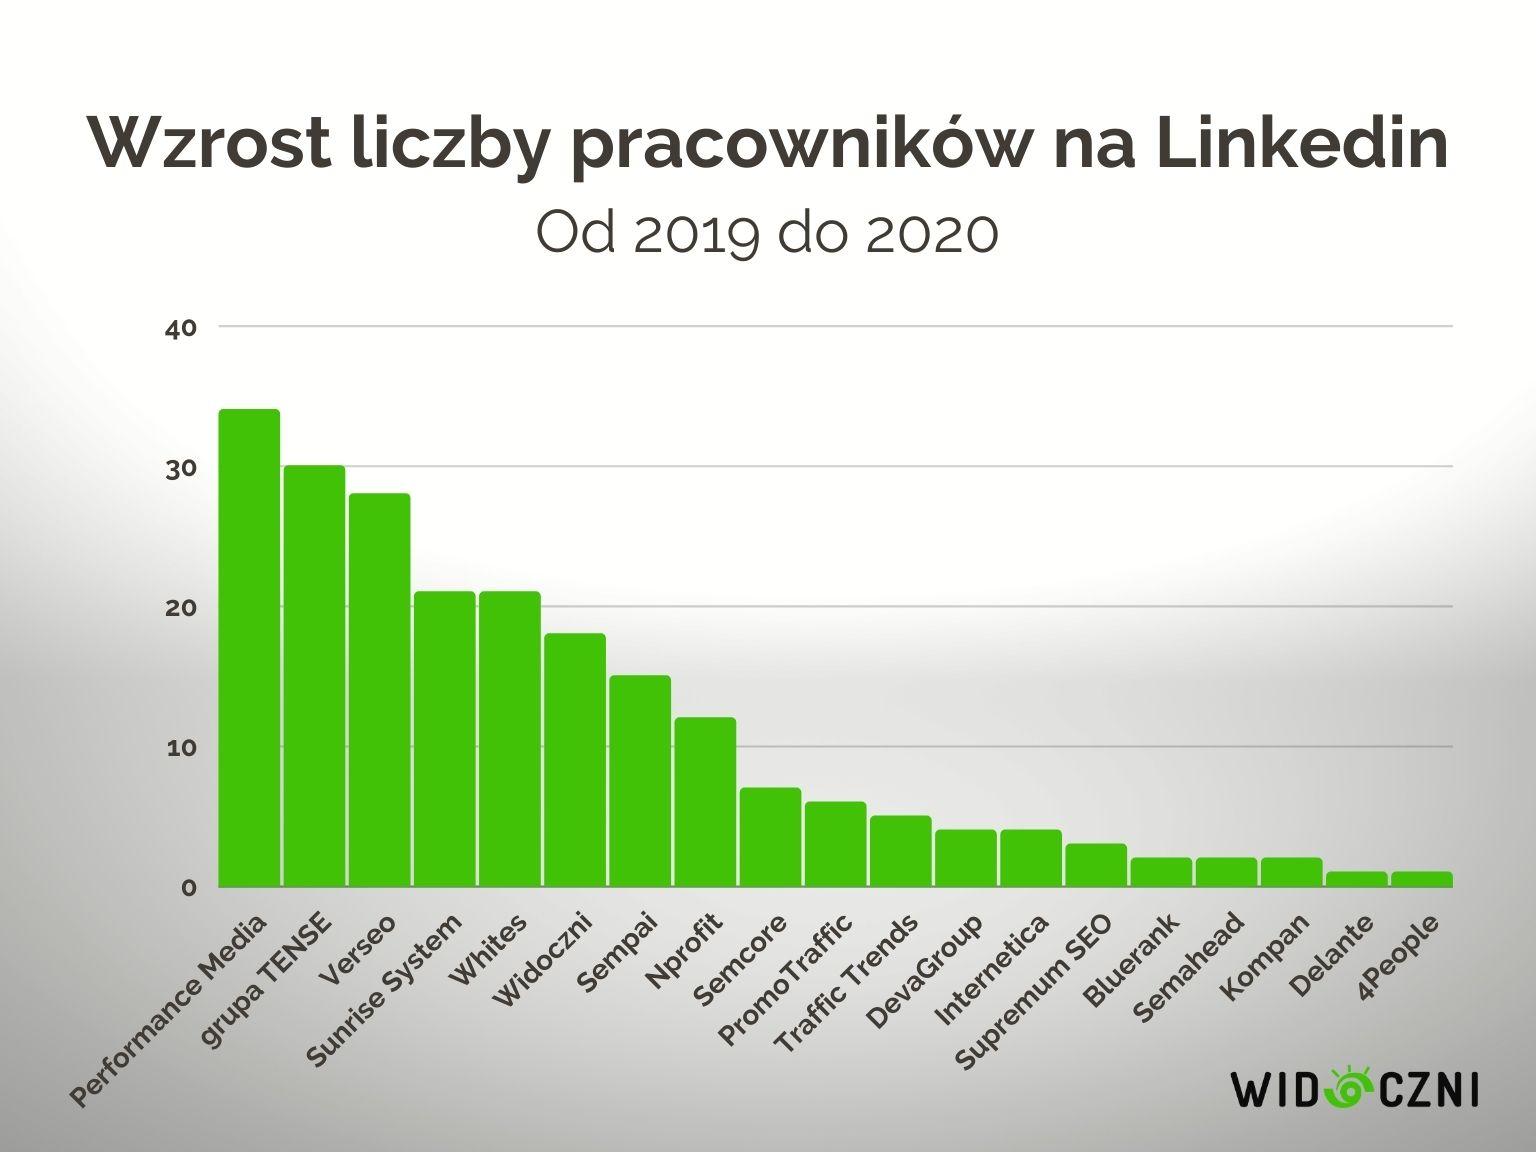 1.1 wzrost liczby pracownikow na linkedin